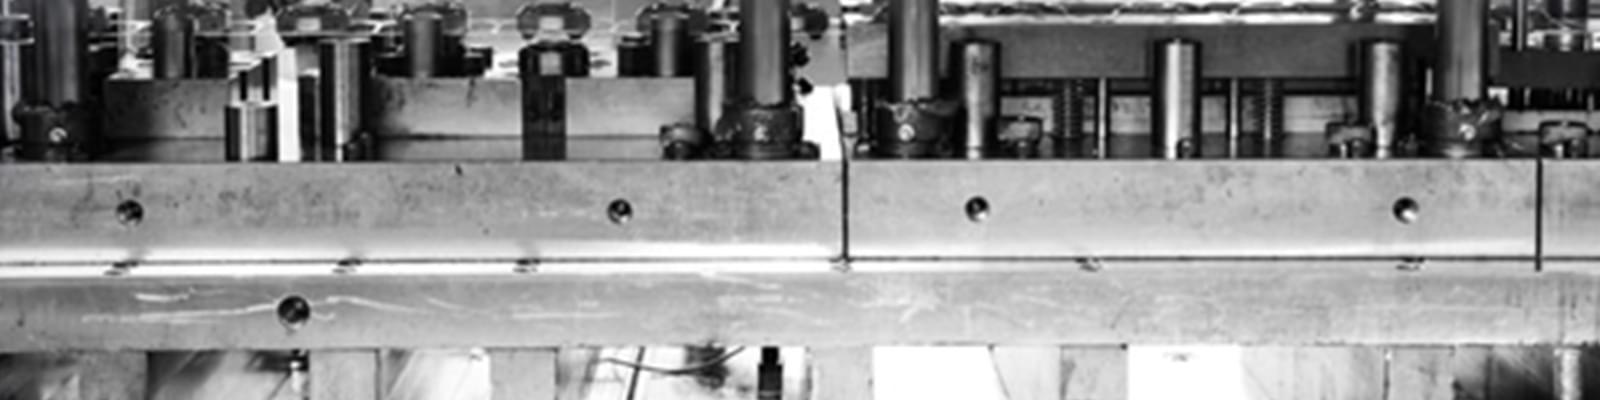 6 - testata - Tranciatura metalli quali materiali può lavorare Minifaber